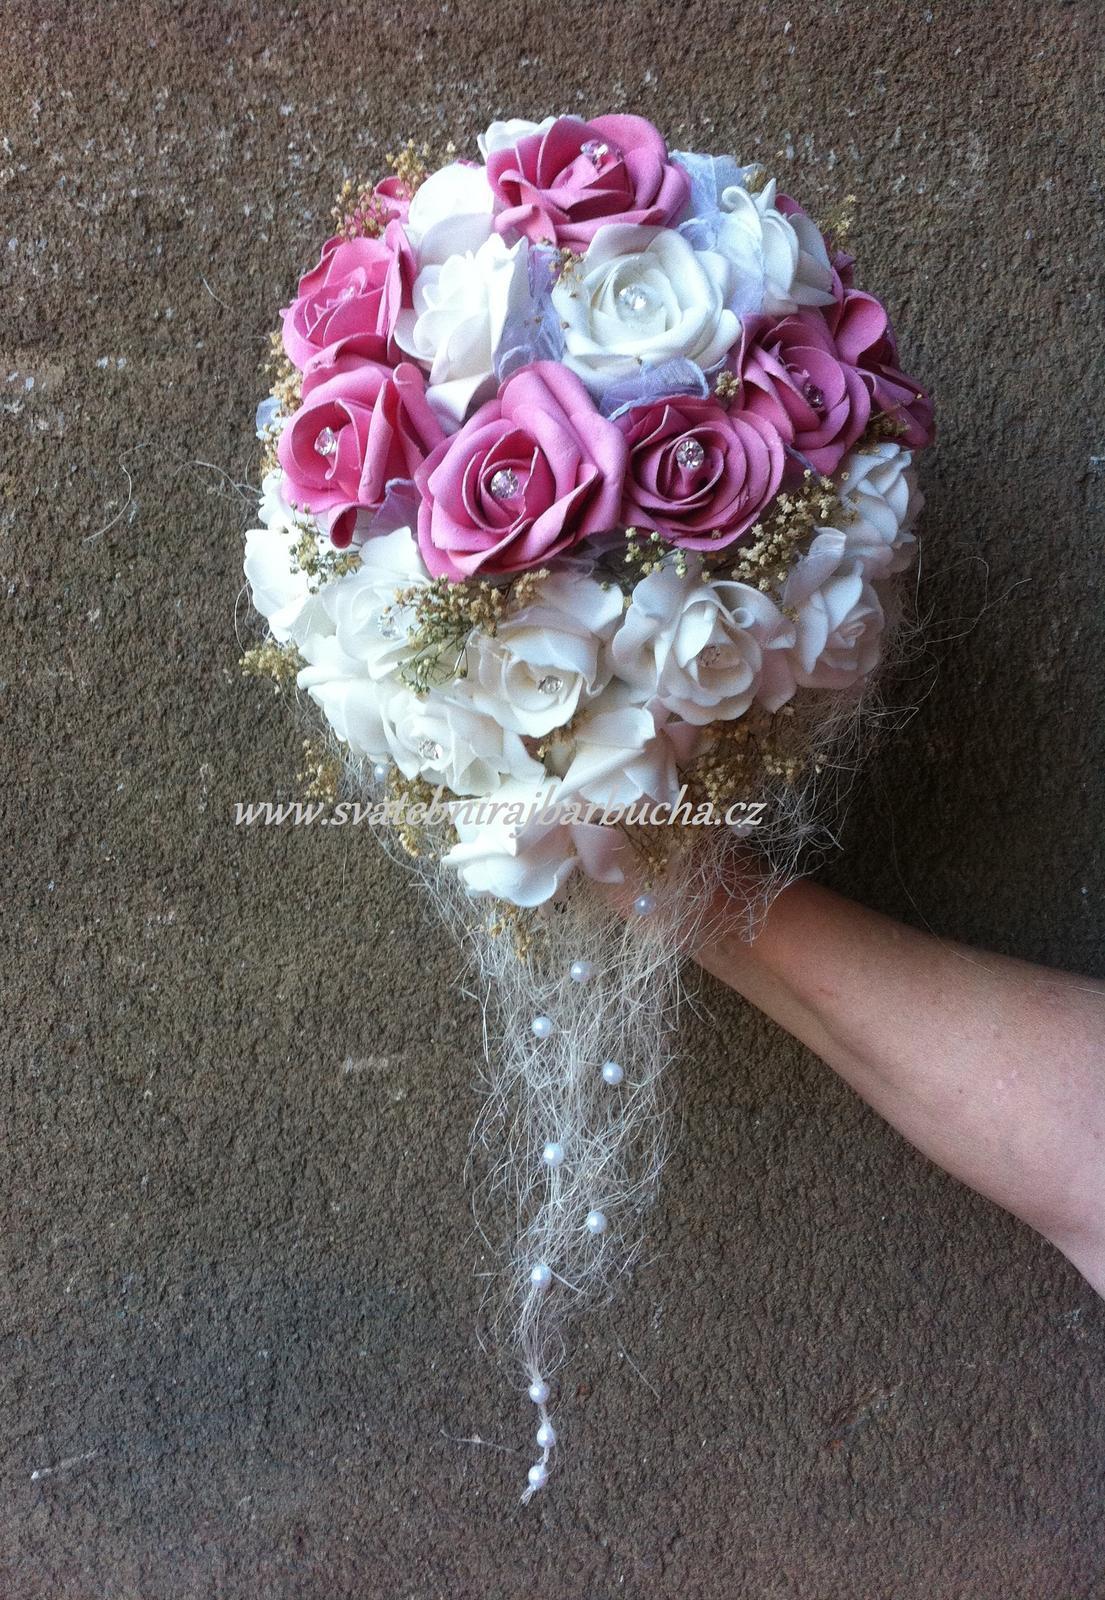 Netradiční svatební kytice - pěnové růžičky + polštářky pod prstýnky, košíčky - Obrázek č. 86